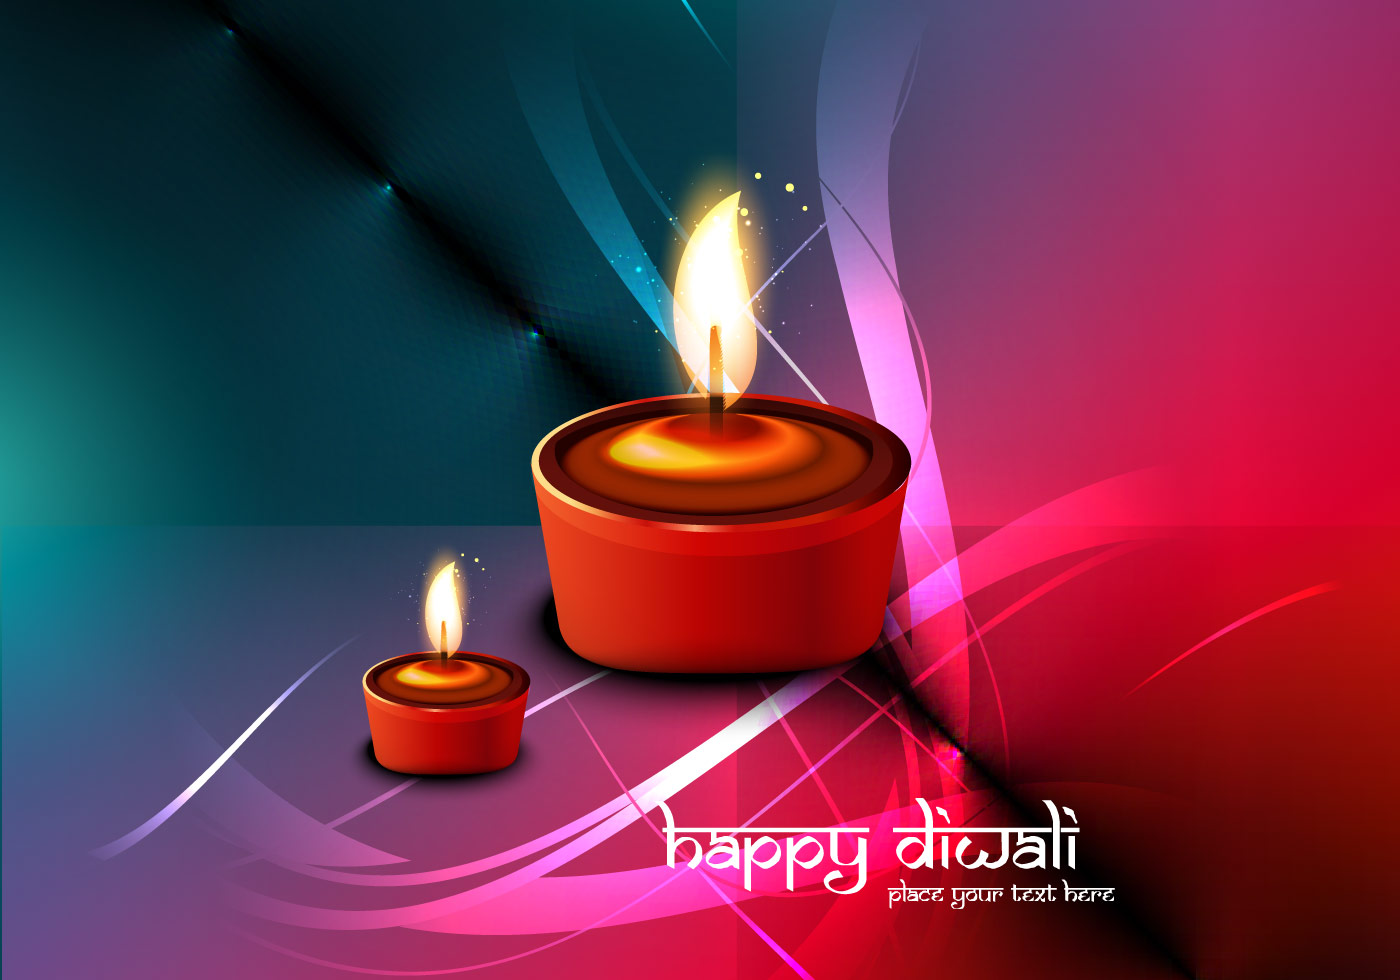 lit oil lamps for diwali festival download free vector. Black Bedroom Furniture Sets. Home Design Ideas